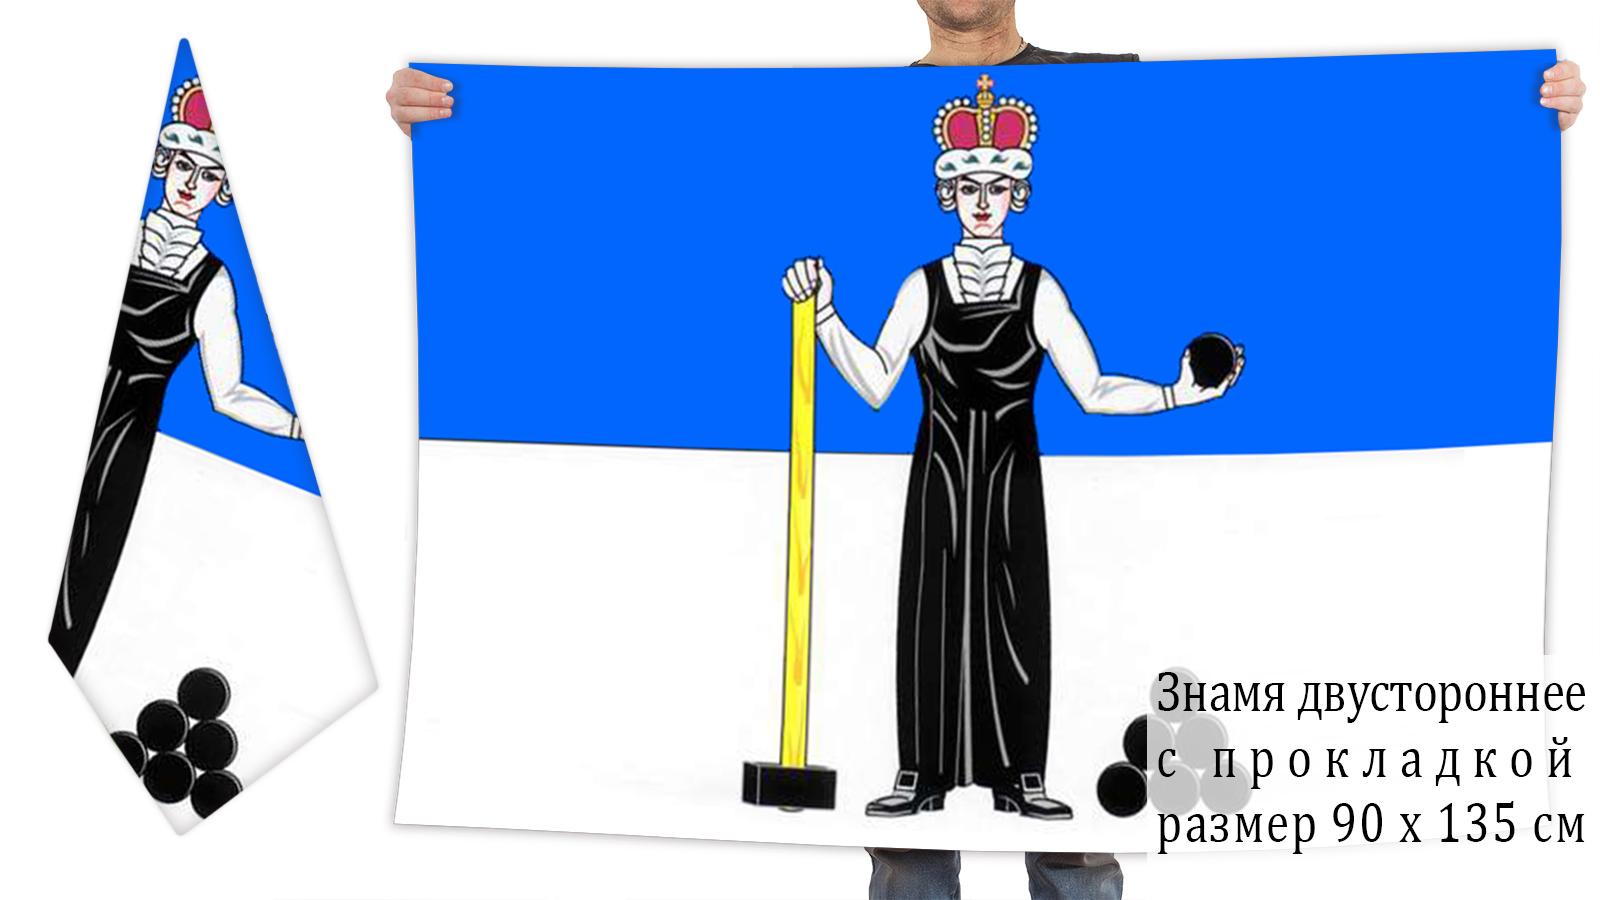 Двусторонний флаг Александровского муниципального района